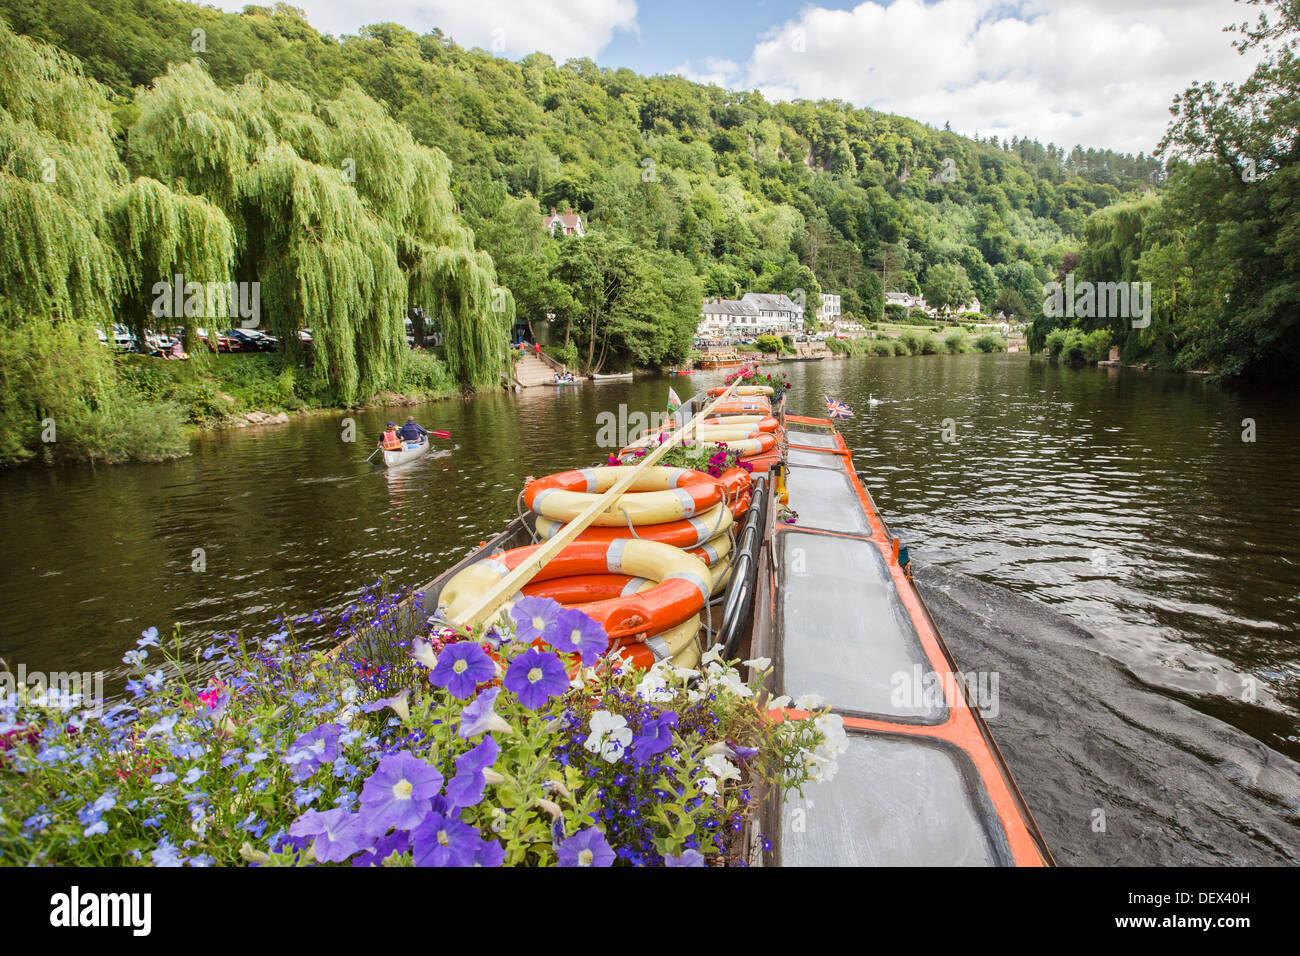 La Loire informations touristiques et de voyage forêt de Dean et de la vallée de Wye River et frontières Monmouthshire Herefordshire Photo Stock